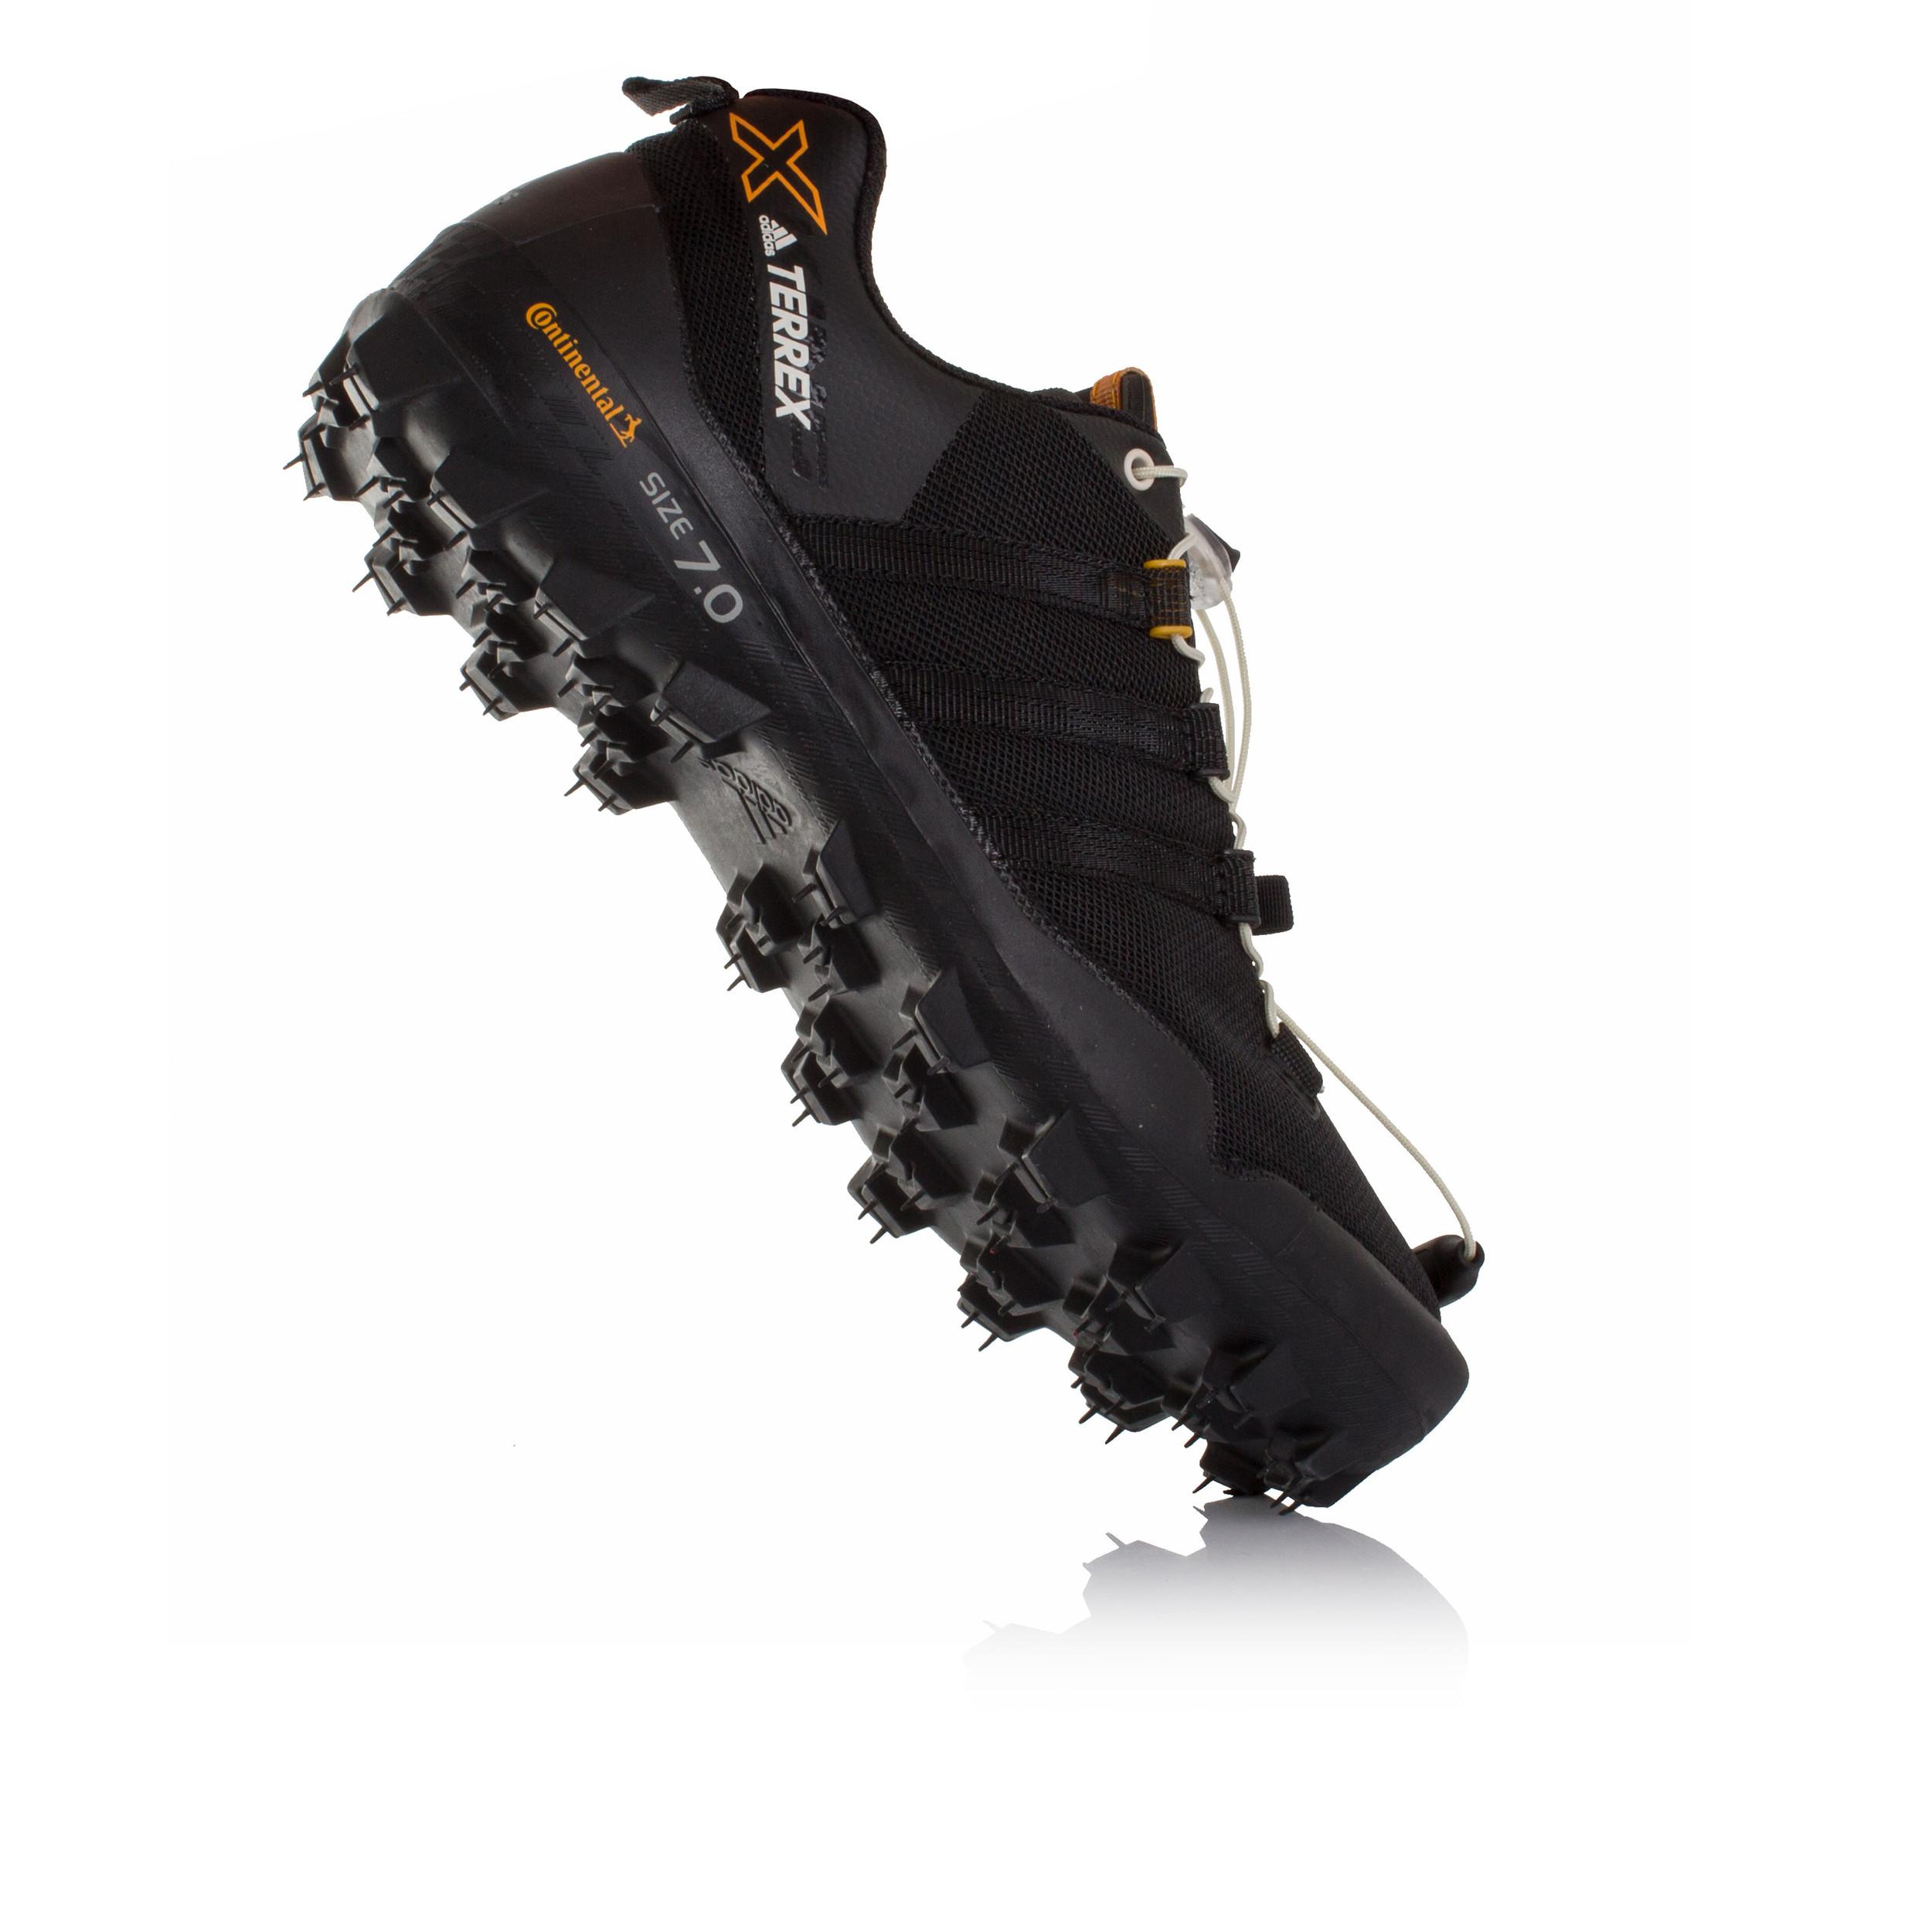 Laufschuhe Trail Schuhe Zu King X Herren Details Adidas Turnschuhe Sport Schwarz Terrex m8nwyNOPv0